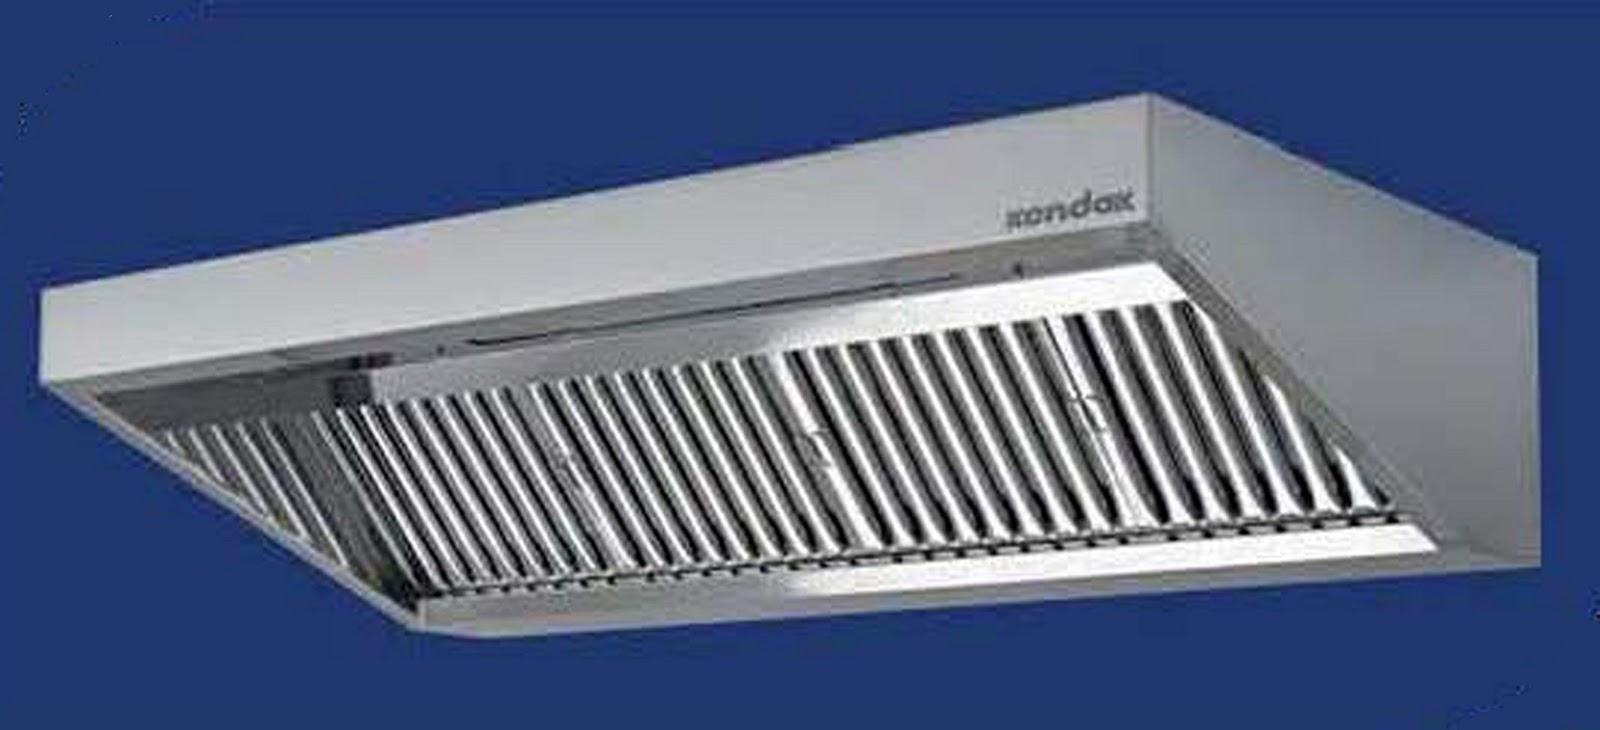 Campana extractora kendak pared 1000x750x500 sin ventilador for Precio campana extractora